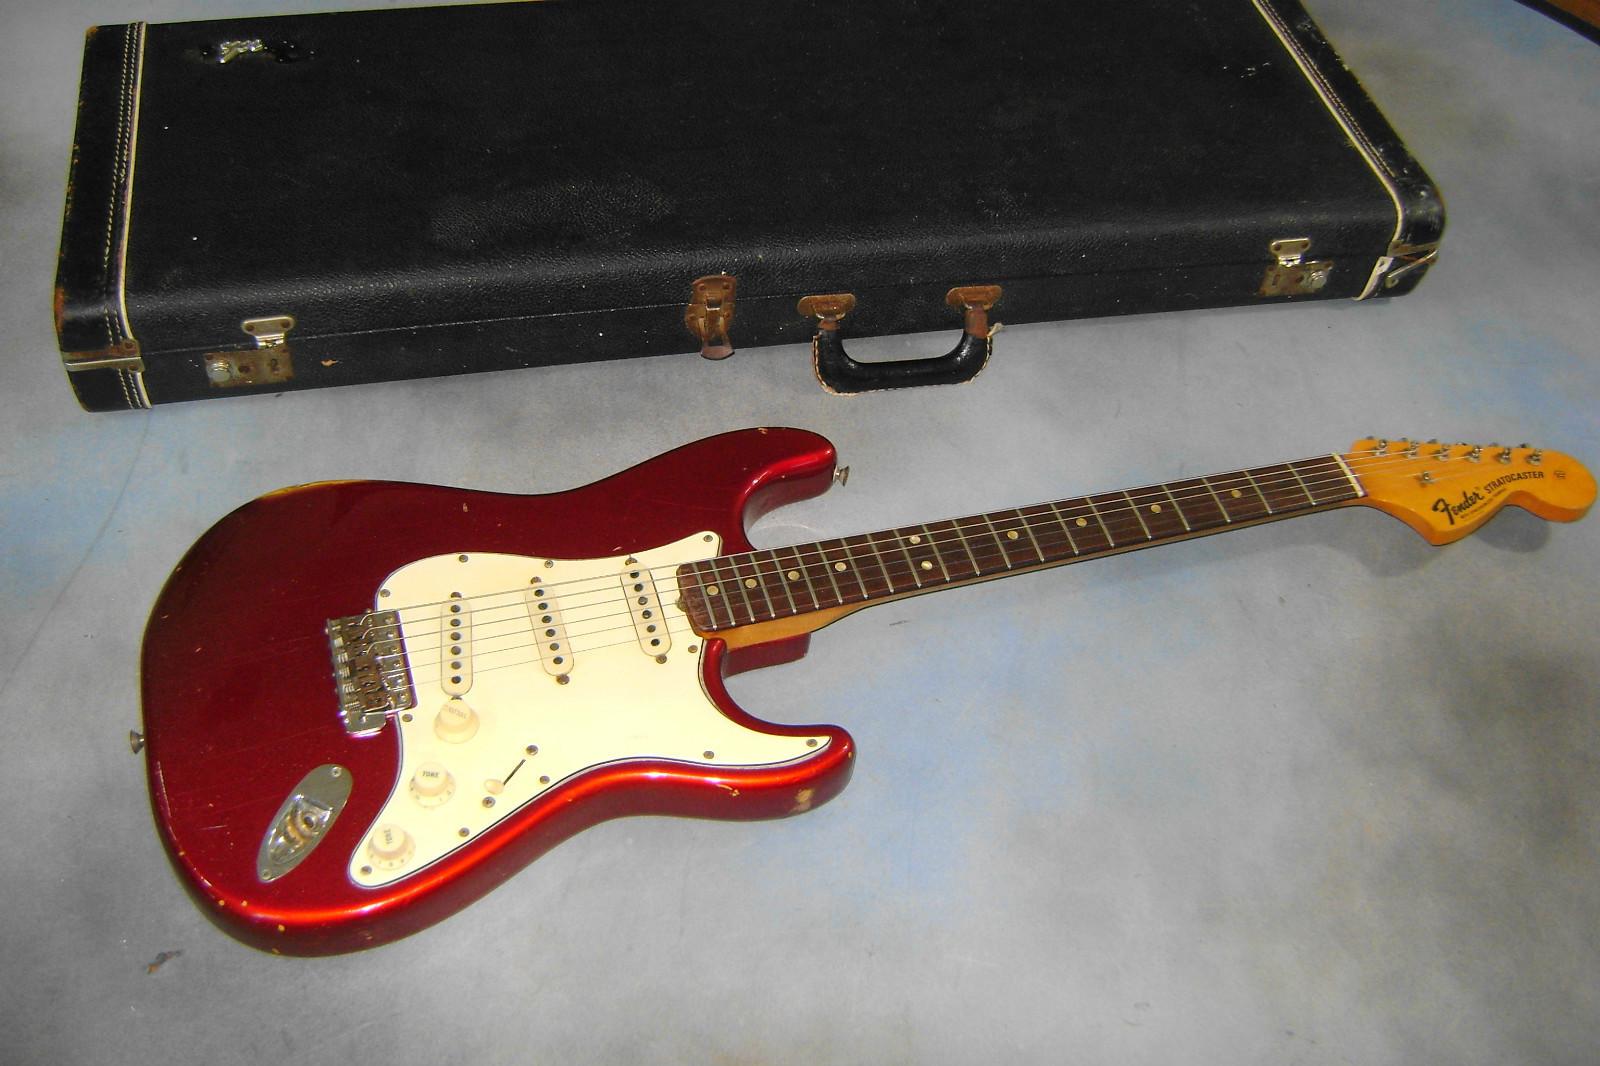 Candy Apple Red Strat : 1968 stratocaster candy apple red stratocaster guitar culture stratoblogster ~ Russianpoet.info Haus und Dekorationen